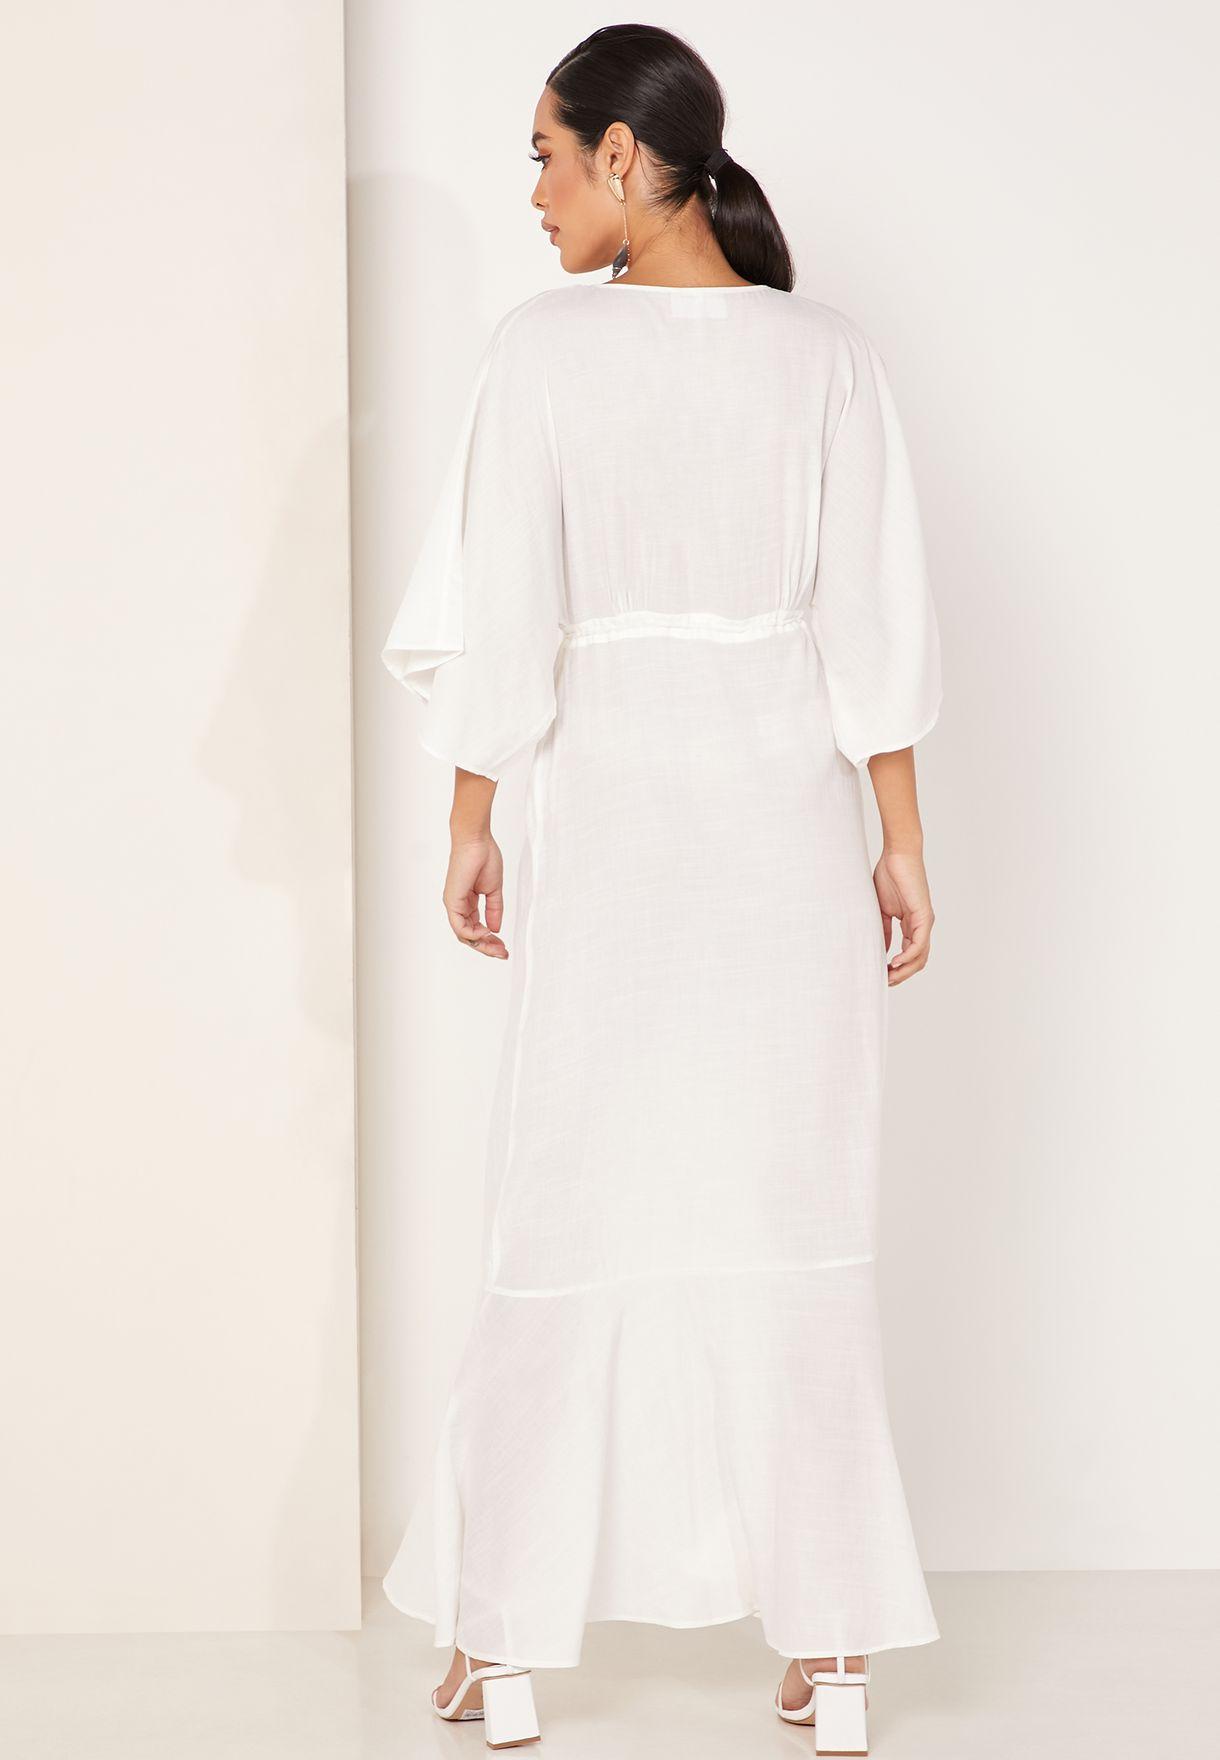 فستان مكسي بياقة عميقة واكمام كيمونو